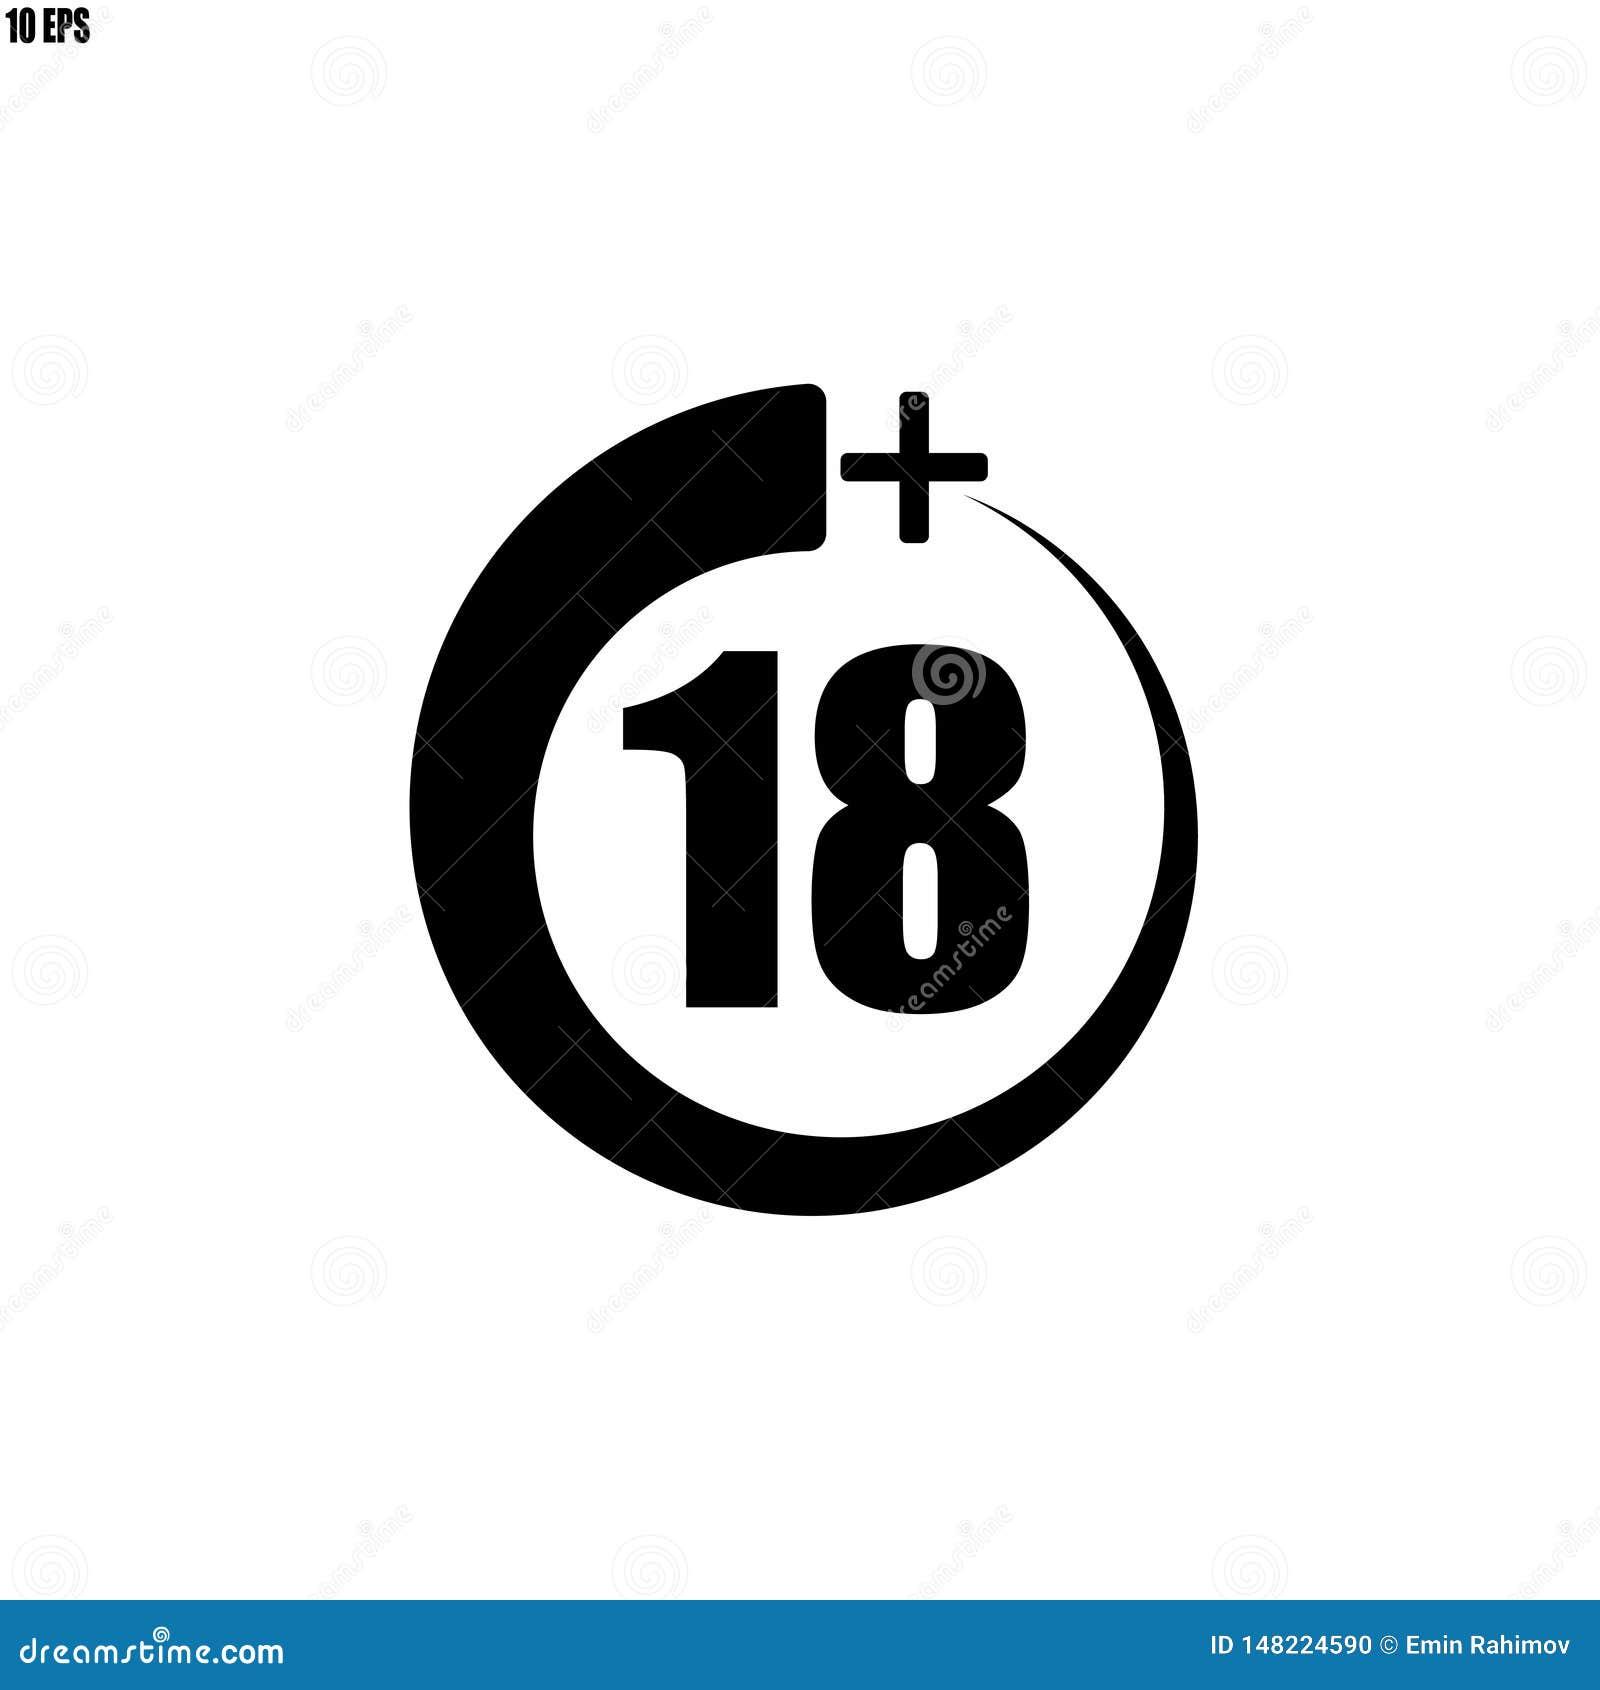 18+ pictogram, teken Informatiepictogram voor leeftijdsgrens - vectorillustratie